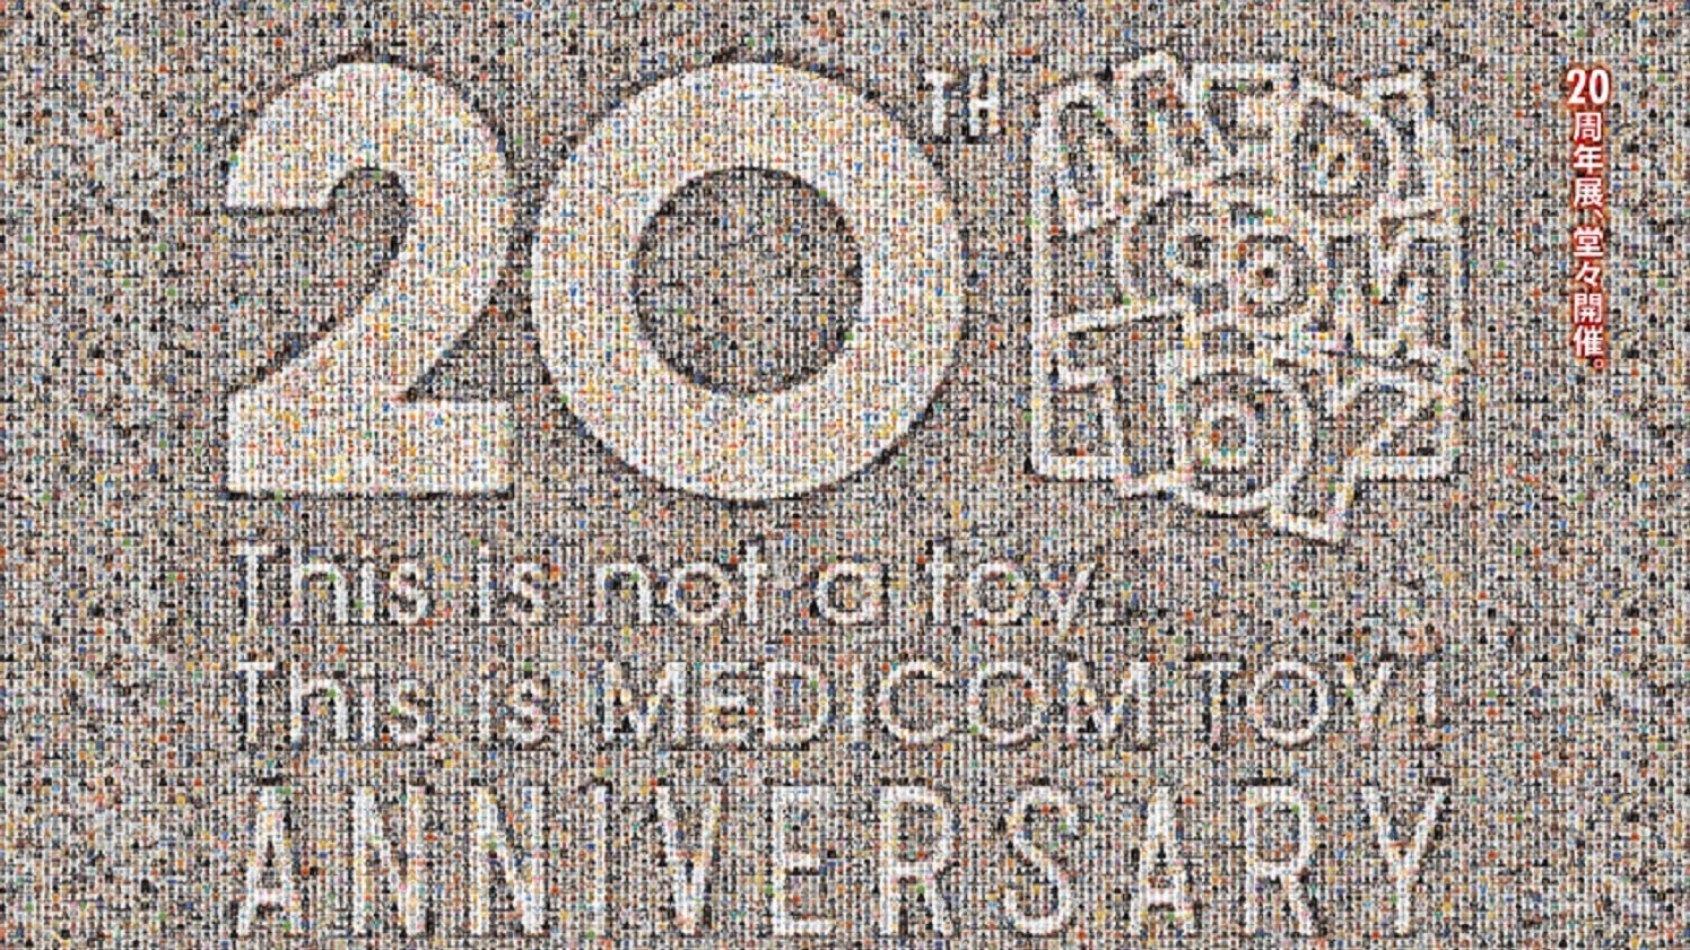 [Medicom] Un vingti�me anniveraire sous le signe du R�veil de la Force